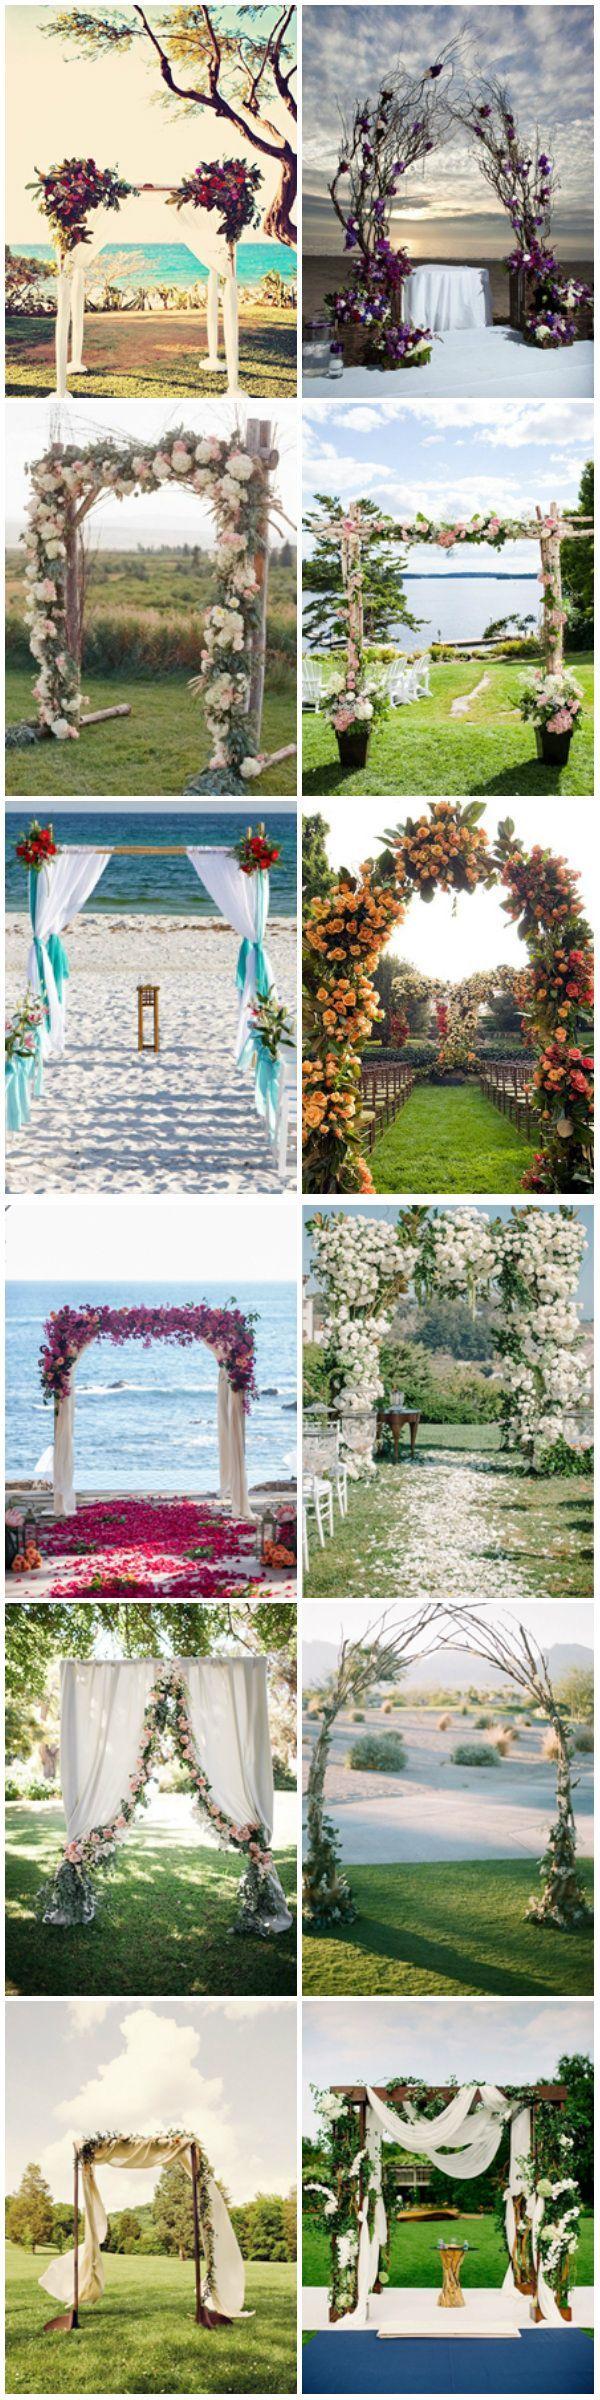 Unique wedding arch decoration ideas for indoor or outdoor weddings.